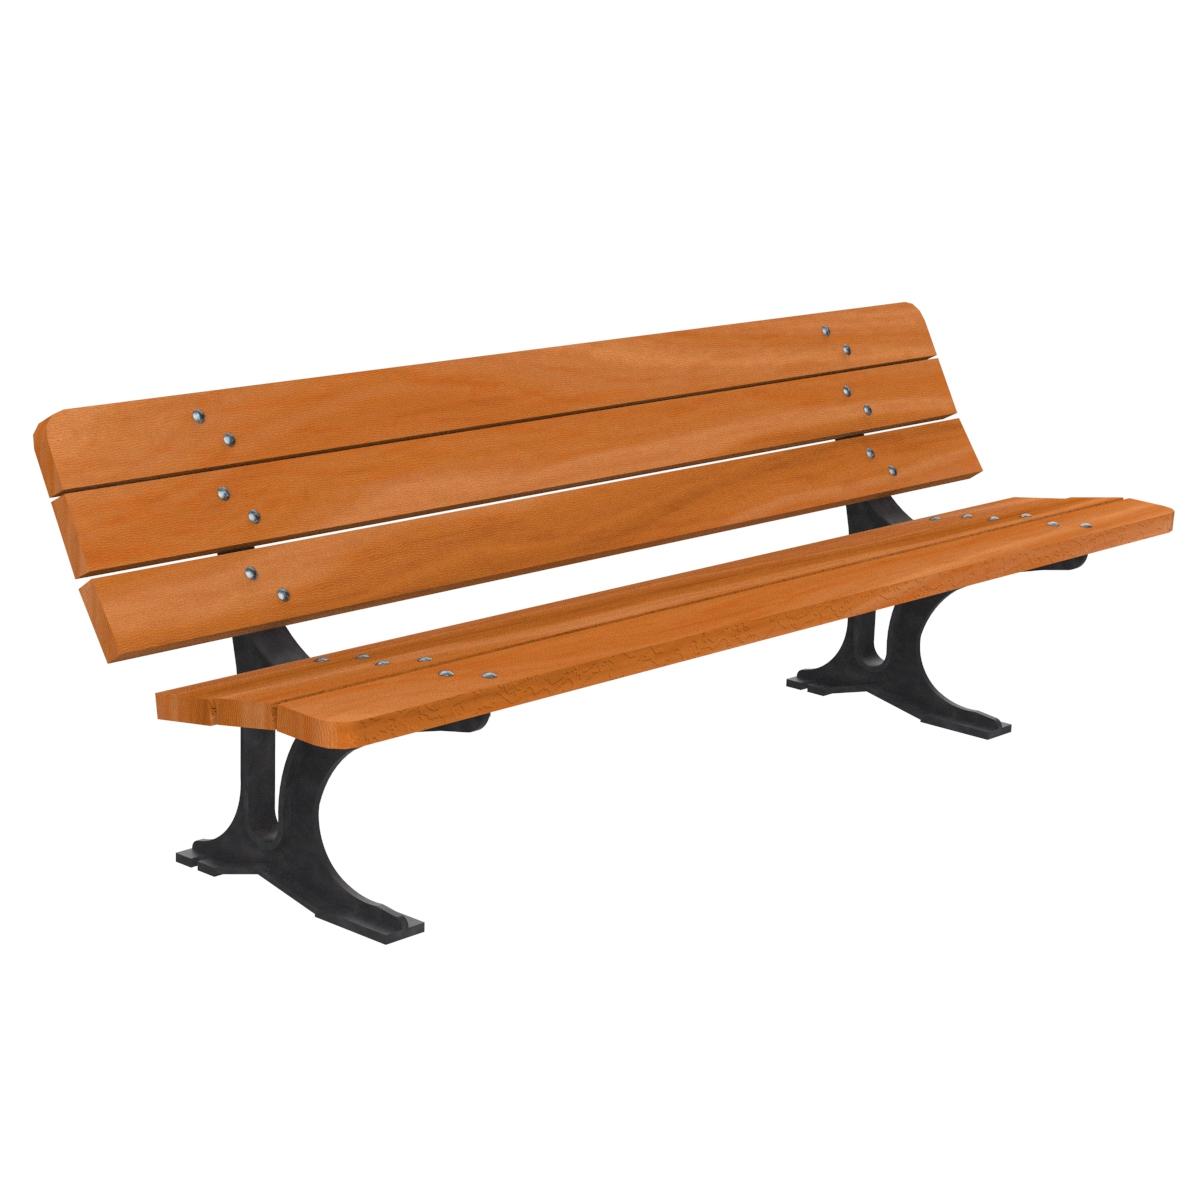 Banco madera paris mobiliario urbano para sentarse parques for Balancines de madera para jardin